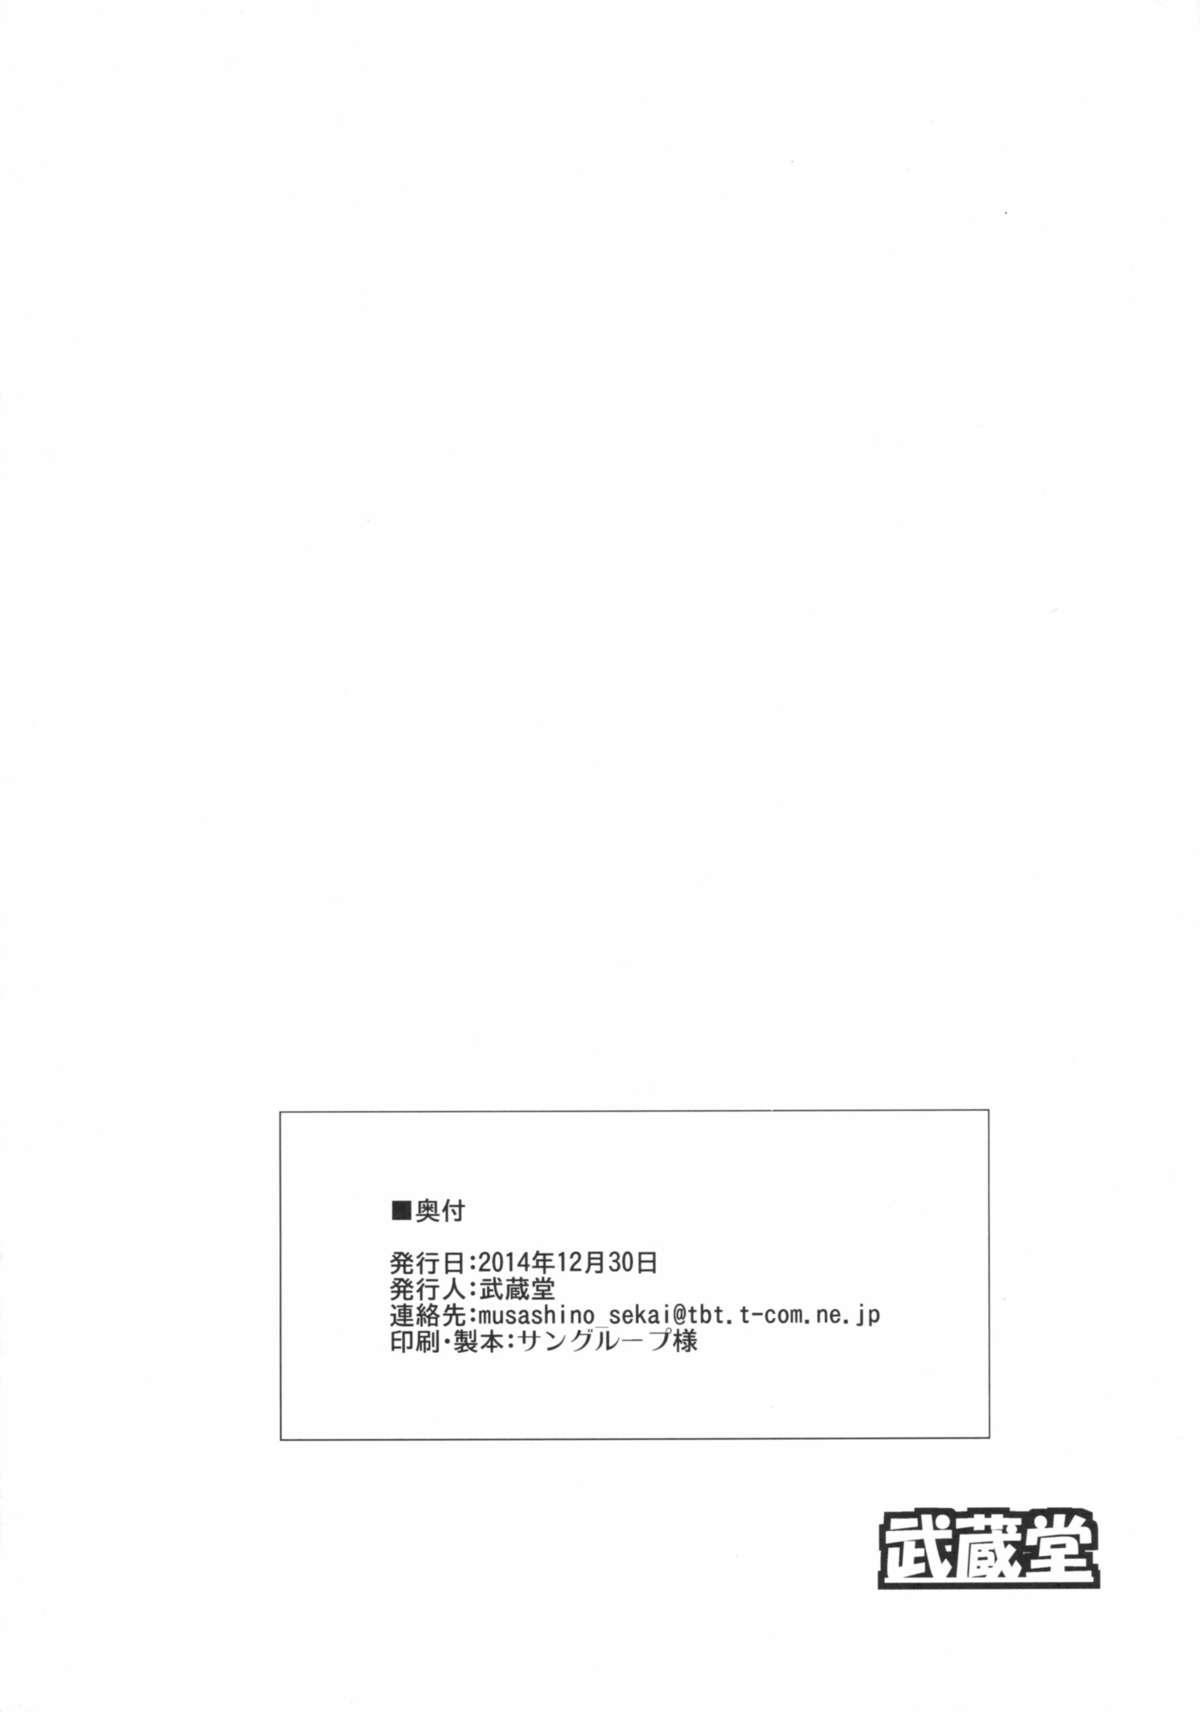 Gyanko to Sekai no GunPla Battle Daitokkun 7